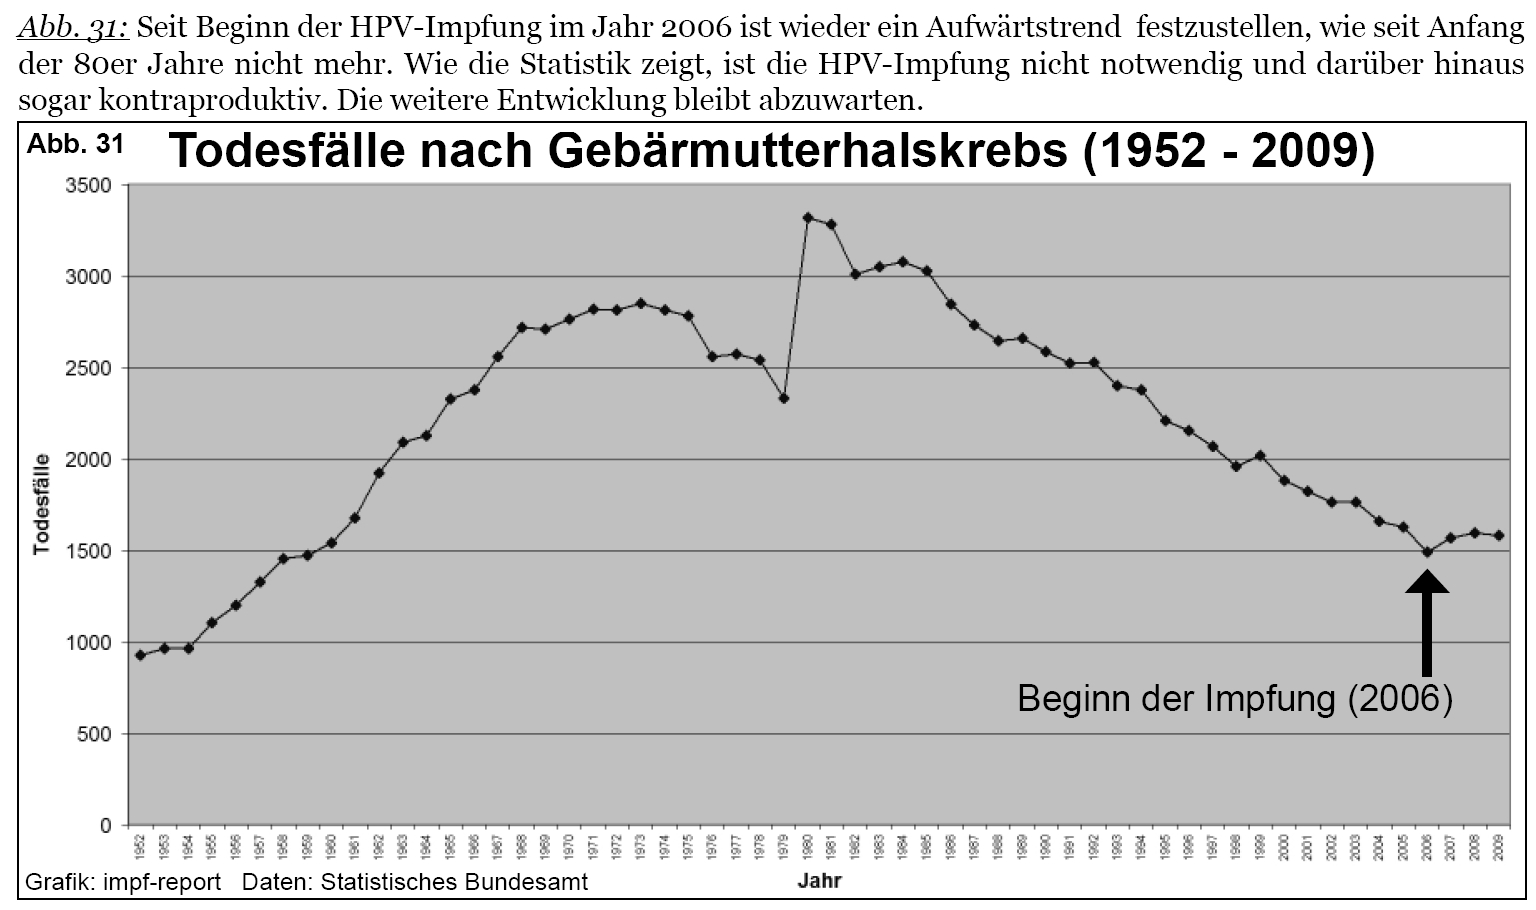 papillomavirus impfung risiken